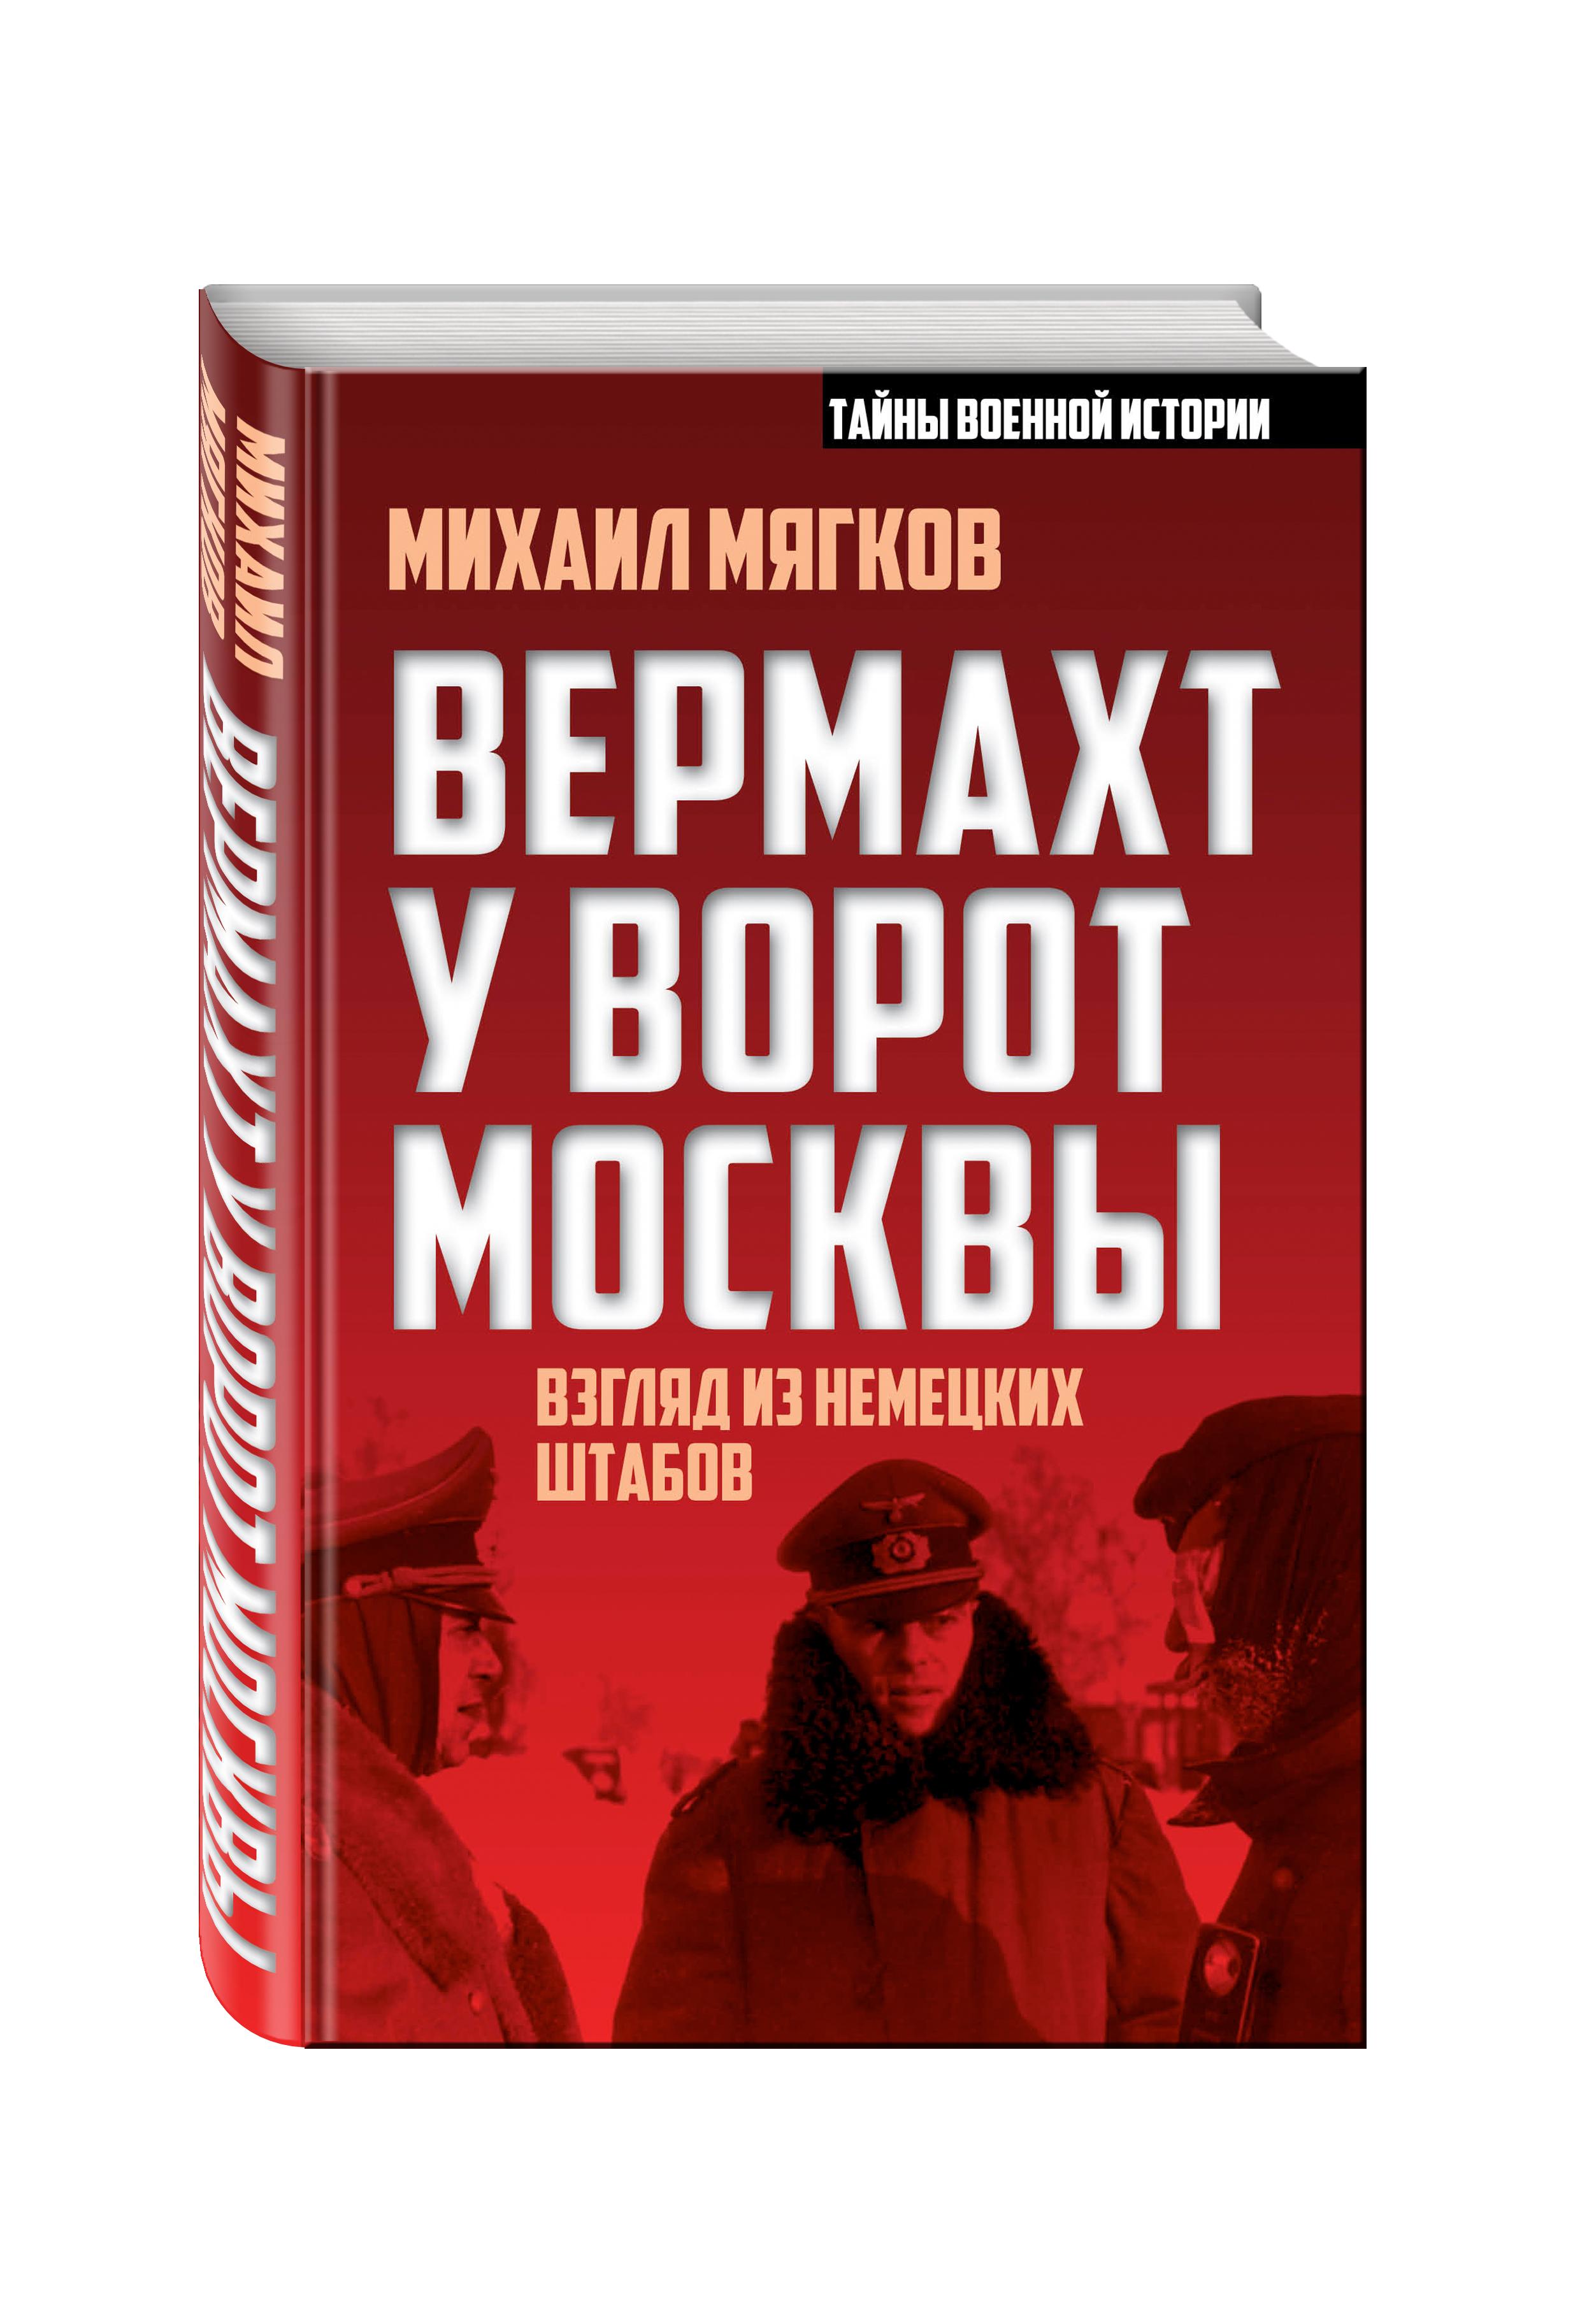 Мягков М.Ю. Вермахт у ворот Москвы на ленинград наступление группы армий север 1941 года